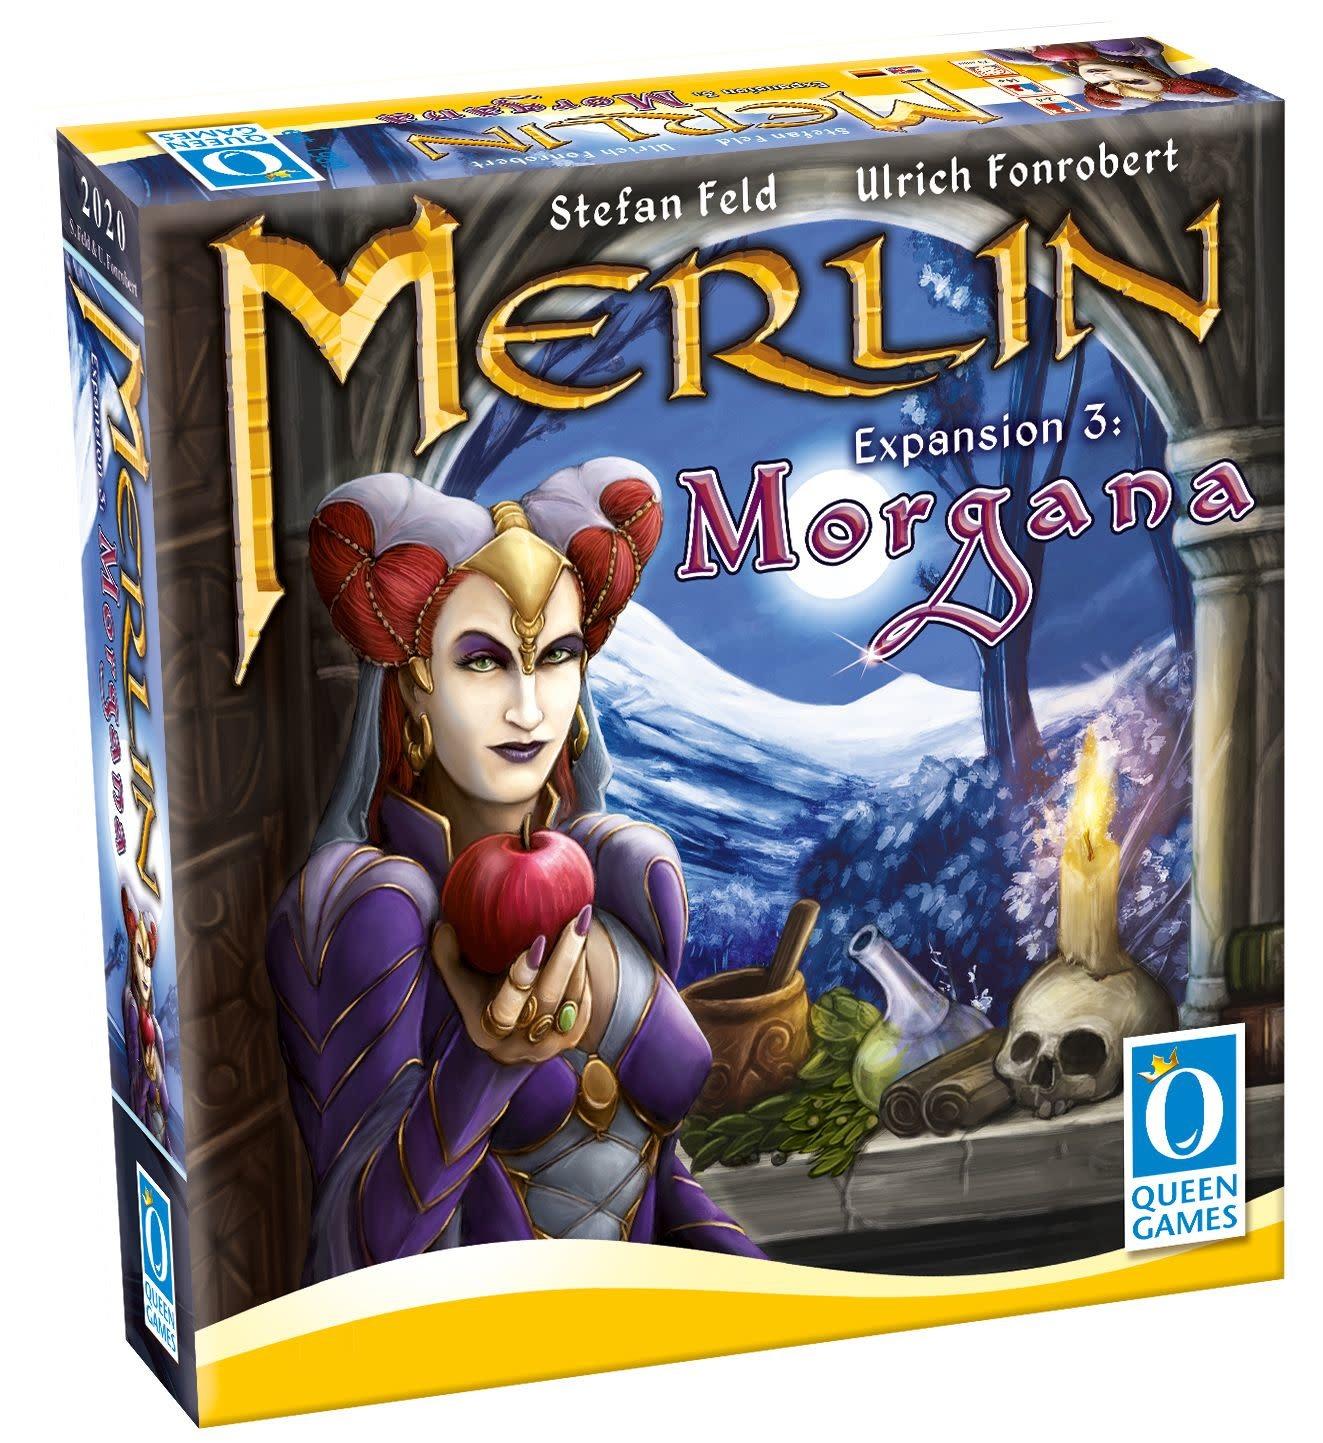 Merlin: Morgana Exp.